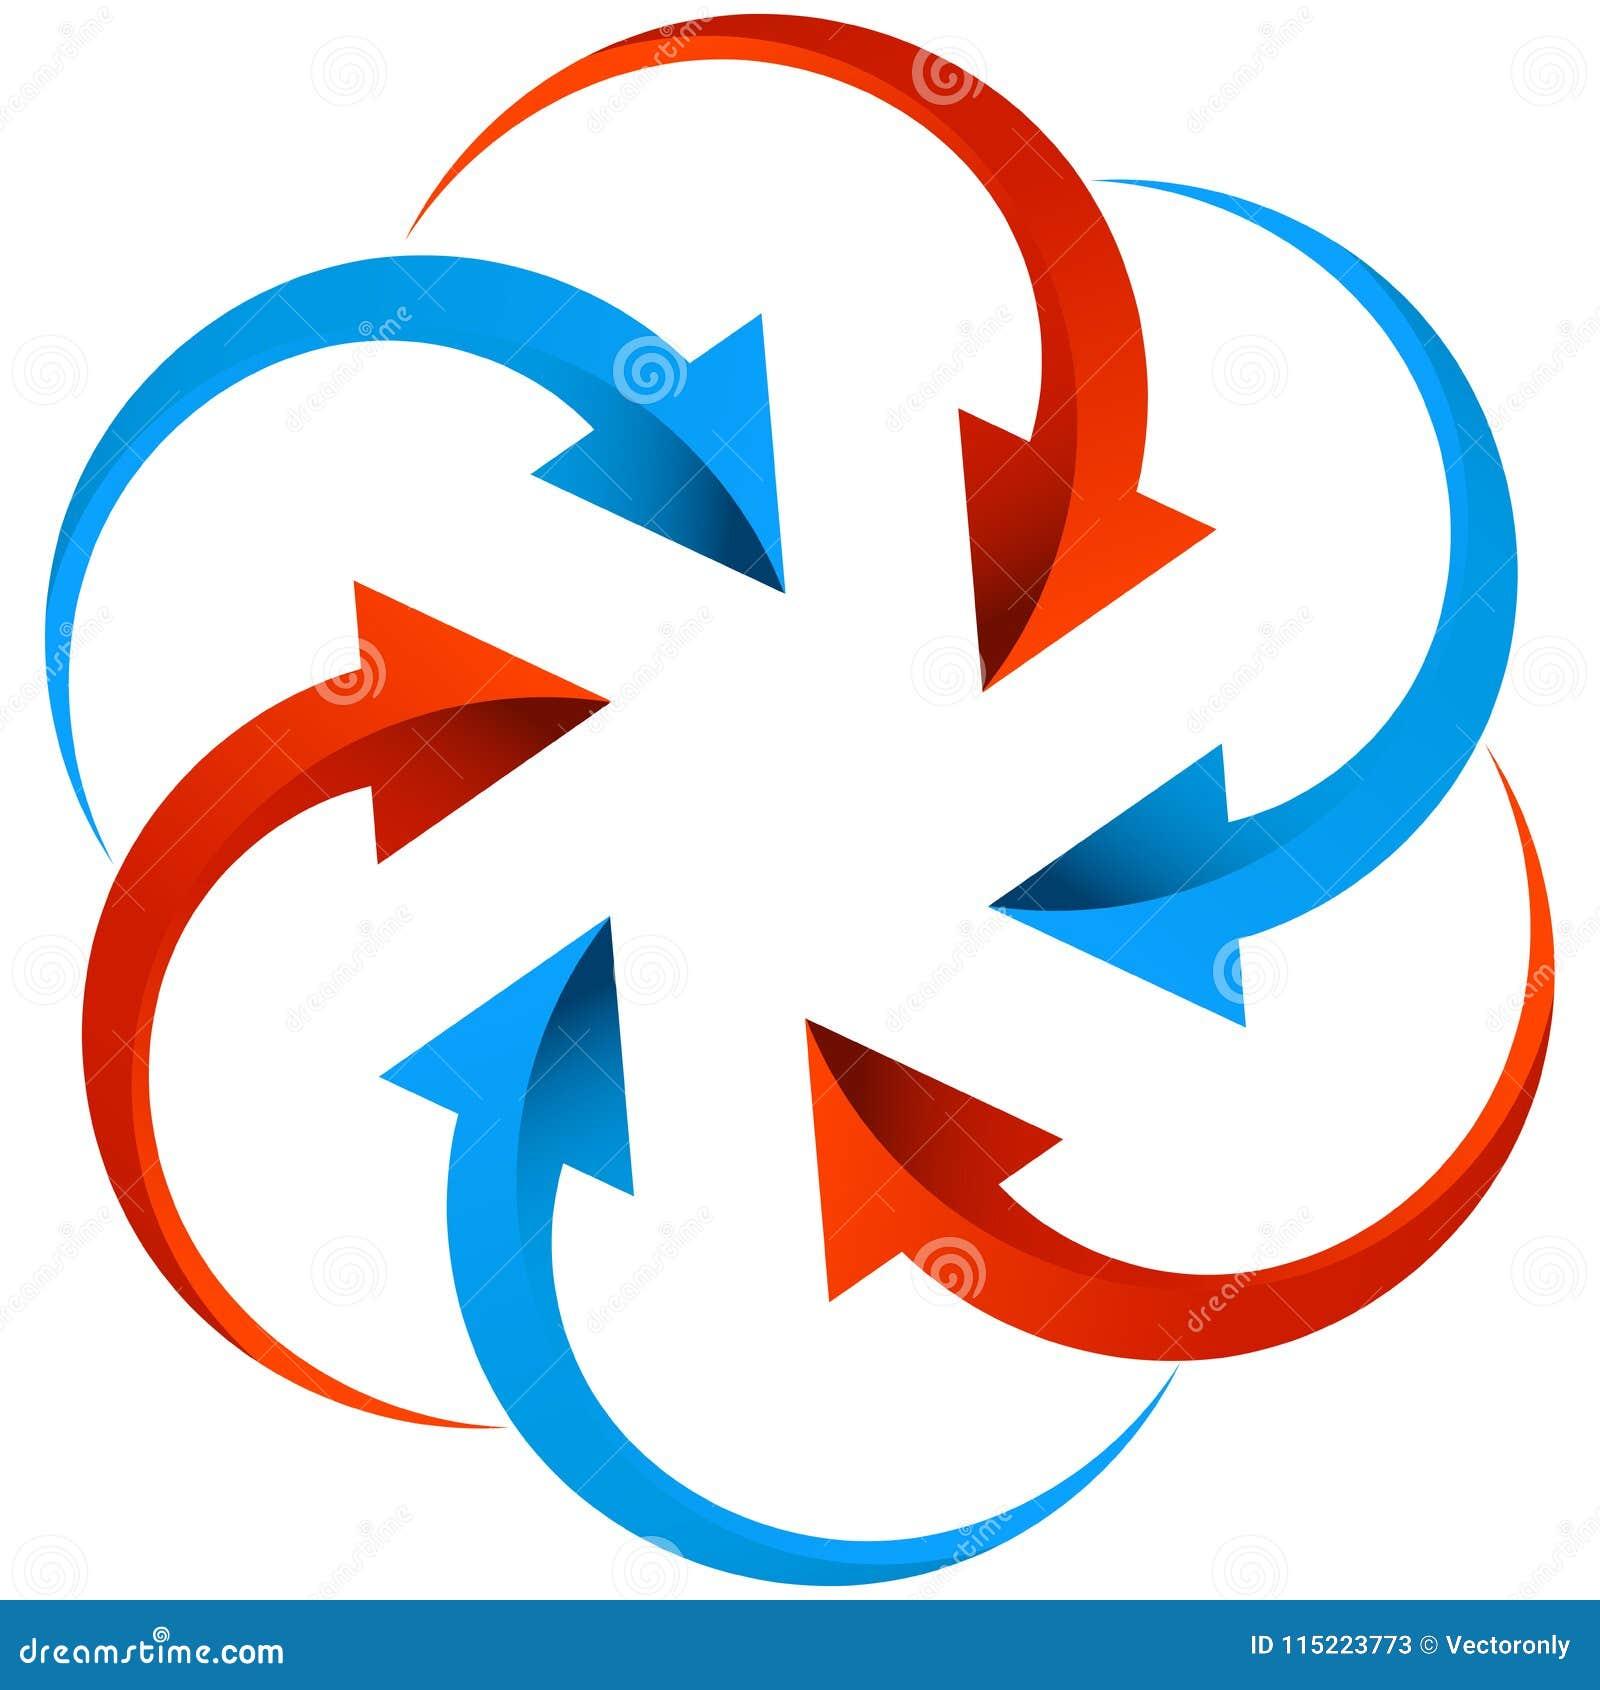 Set of arrows logo on white